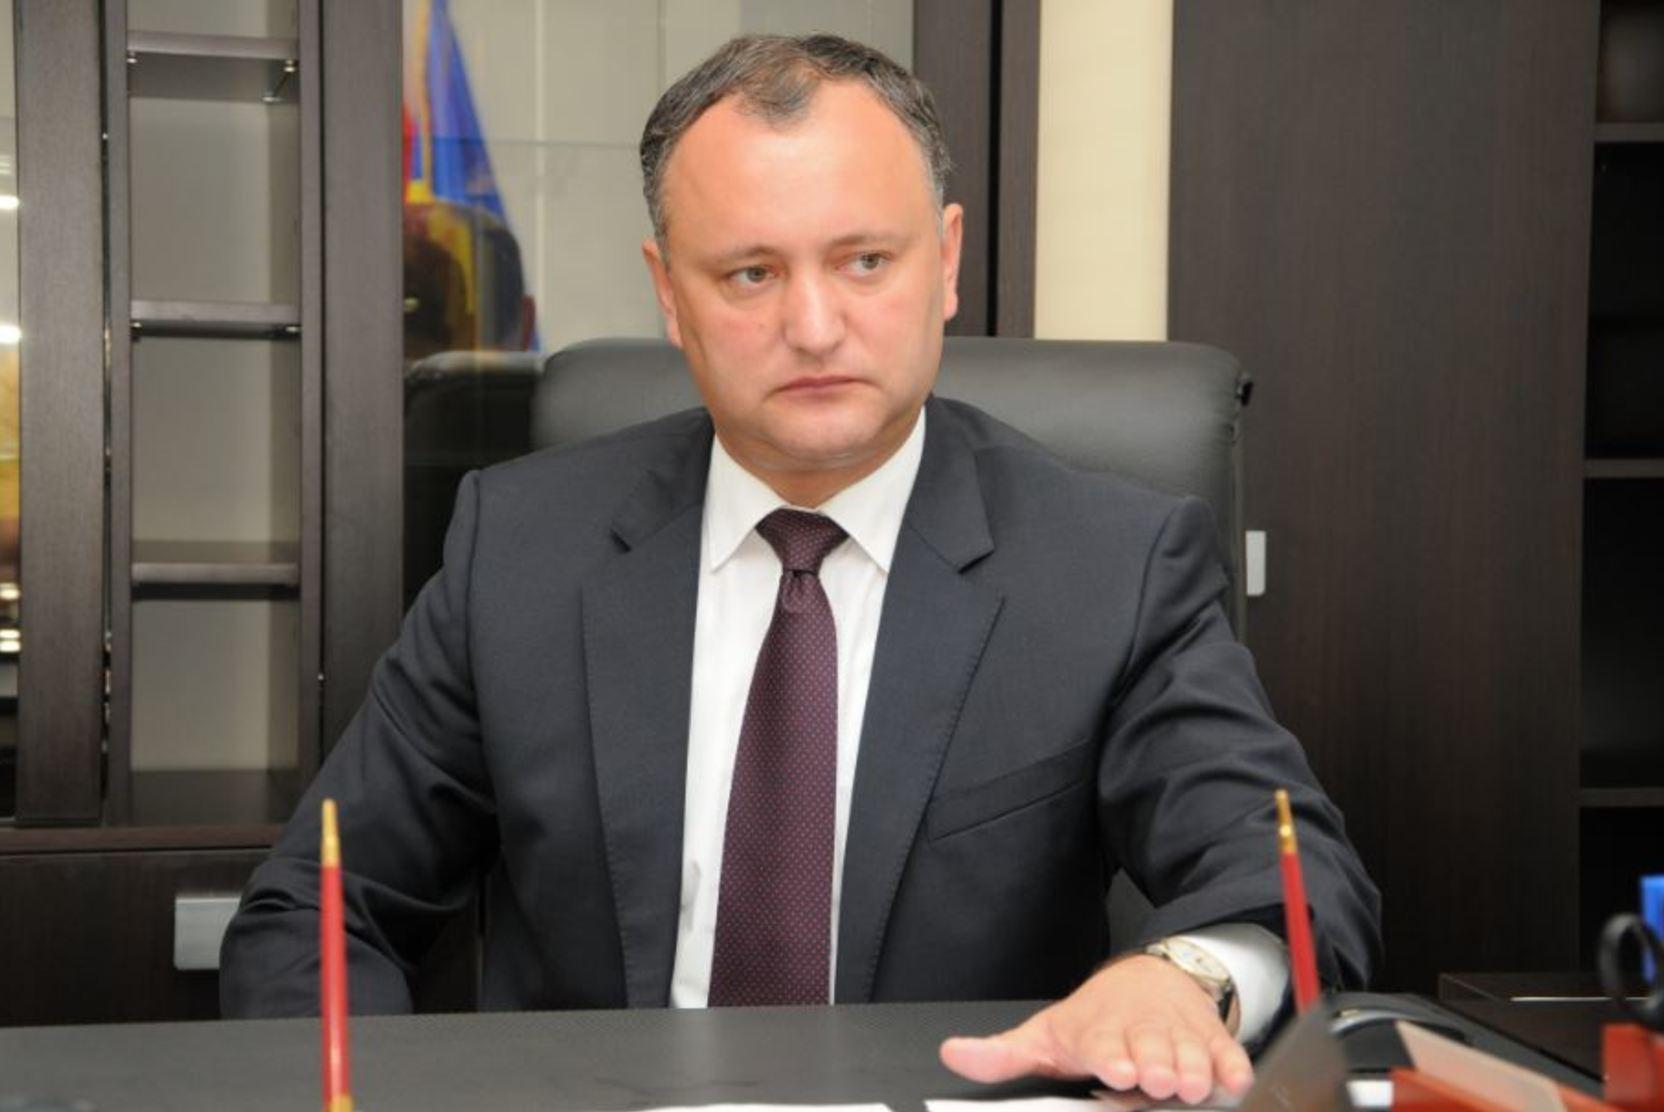 Додон считает ошибкой заявление Санду о выводе миротворцев РФ из Приднестровья